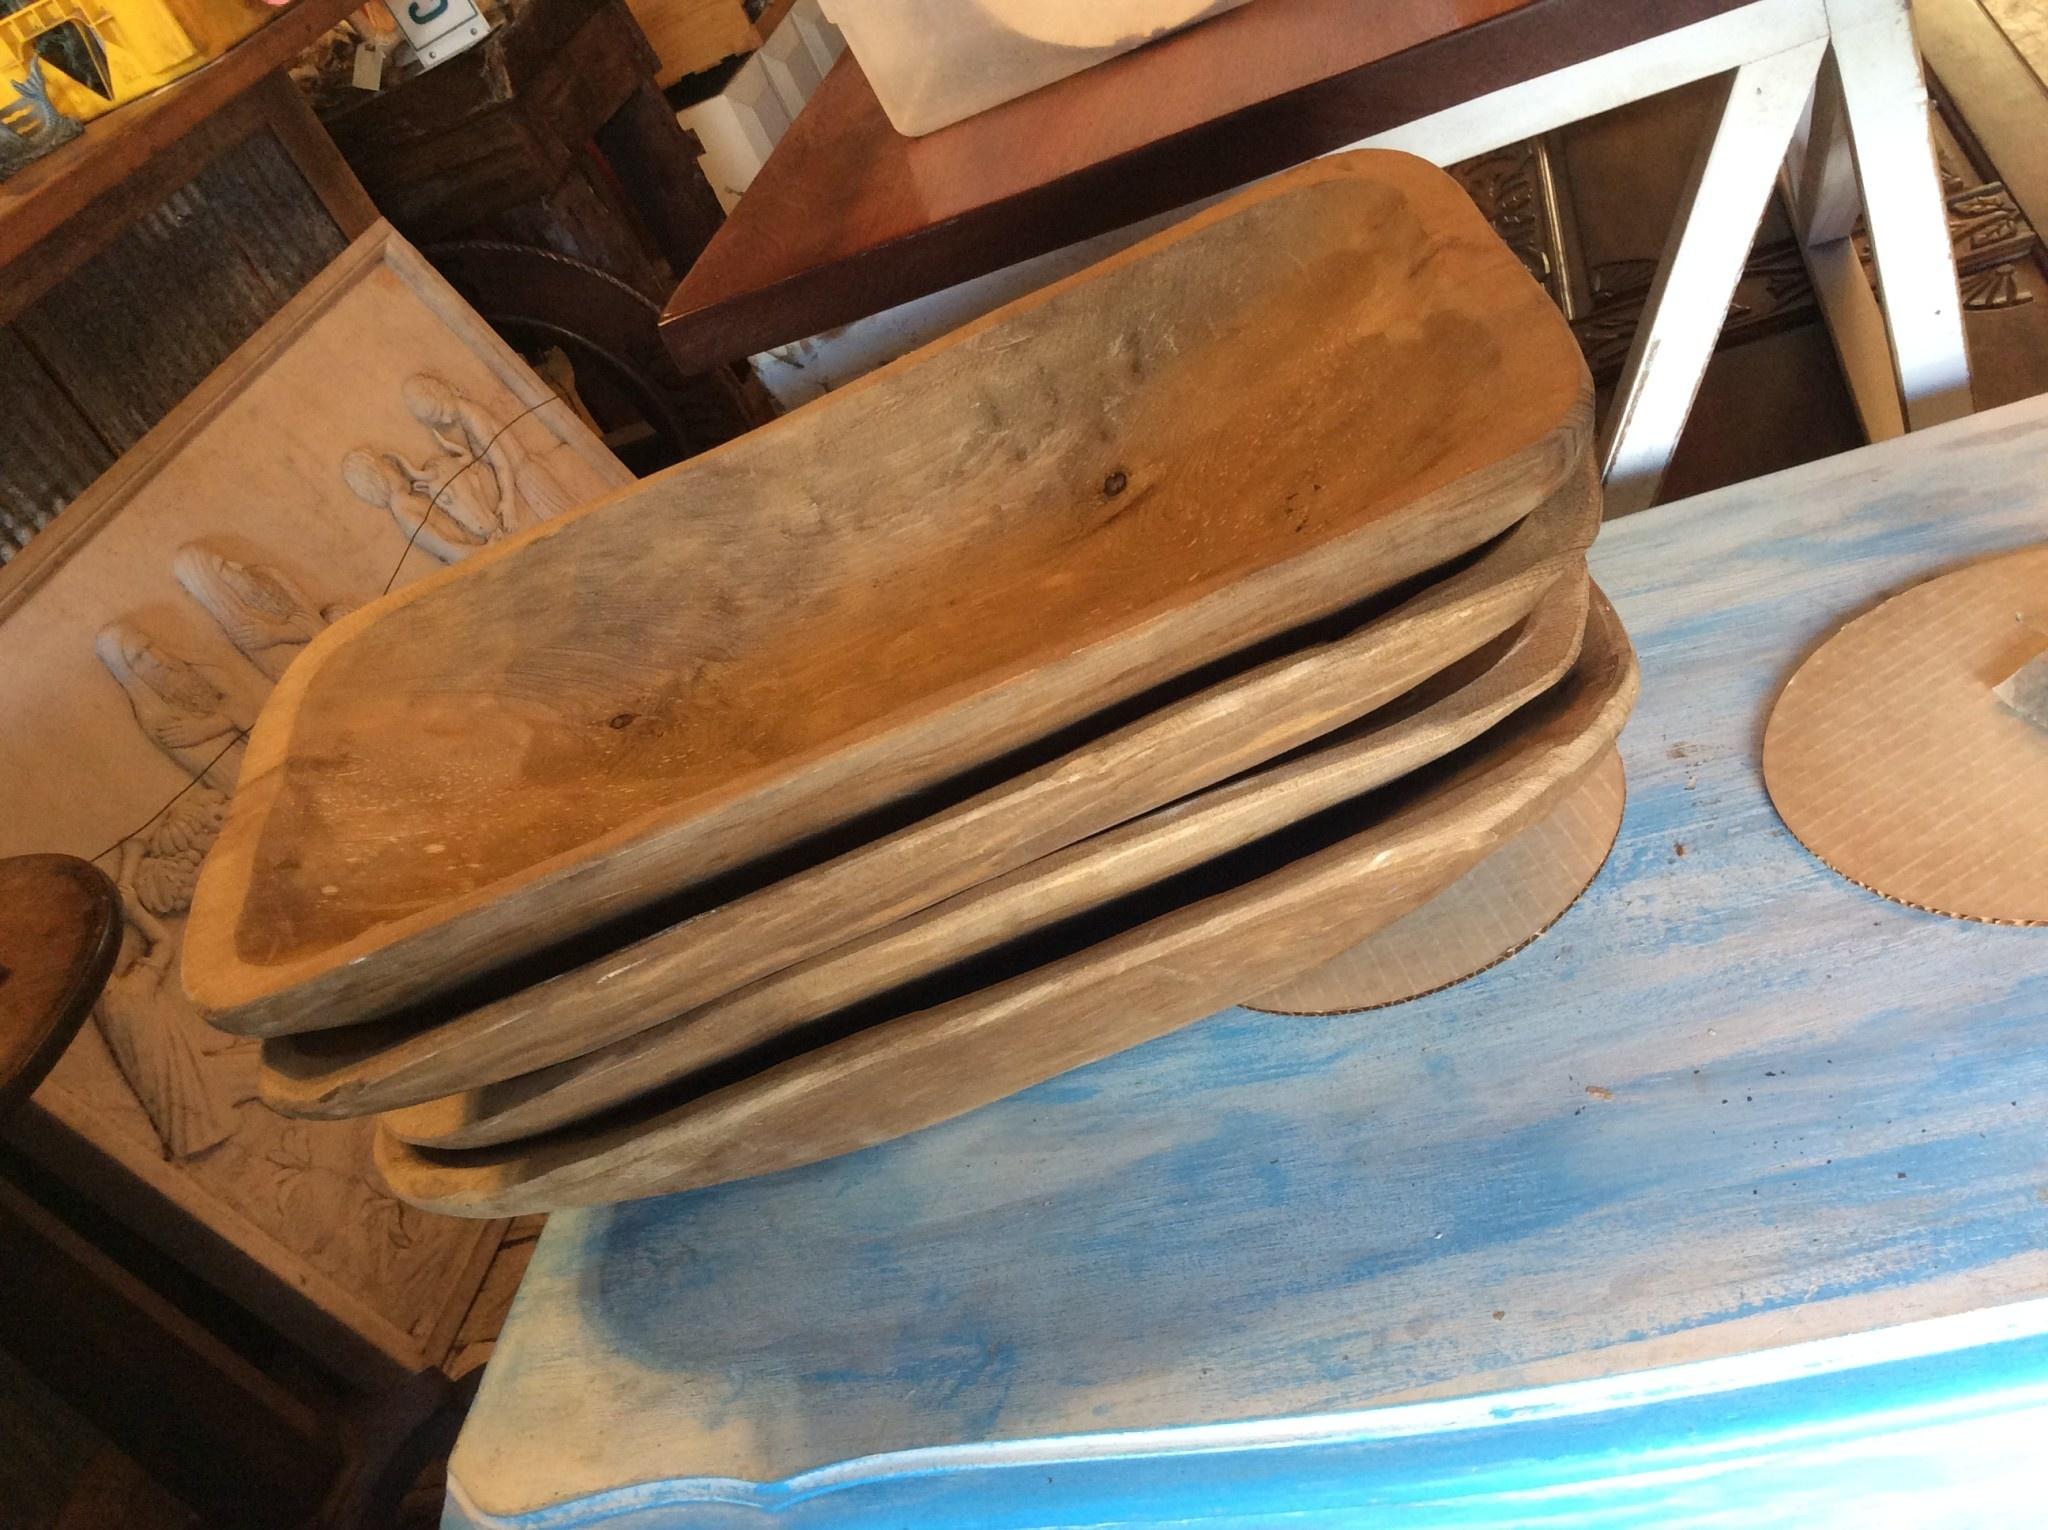 Brown carved wood bowl